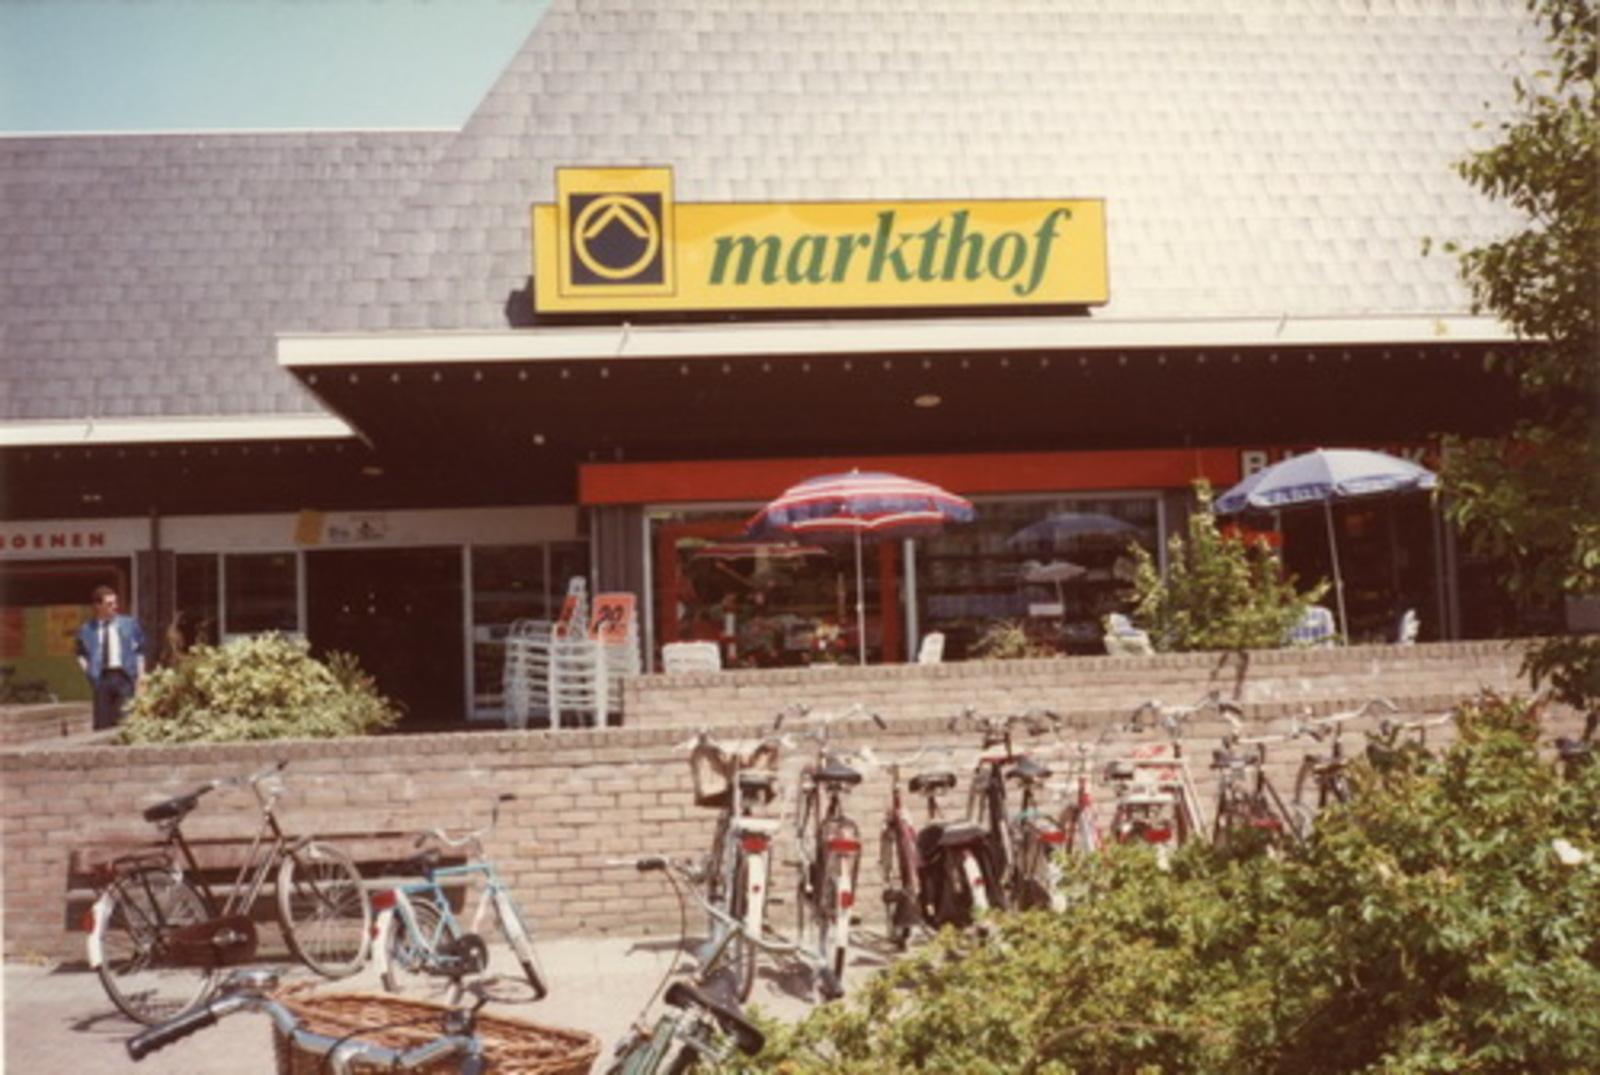 Marktplein Z 0040+ 1972+ Markthof 01